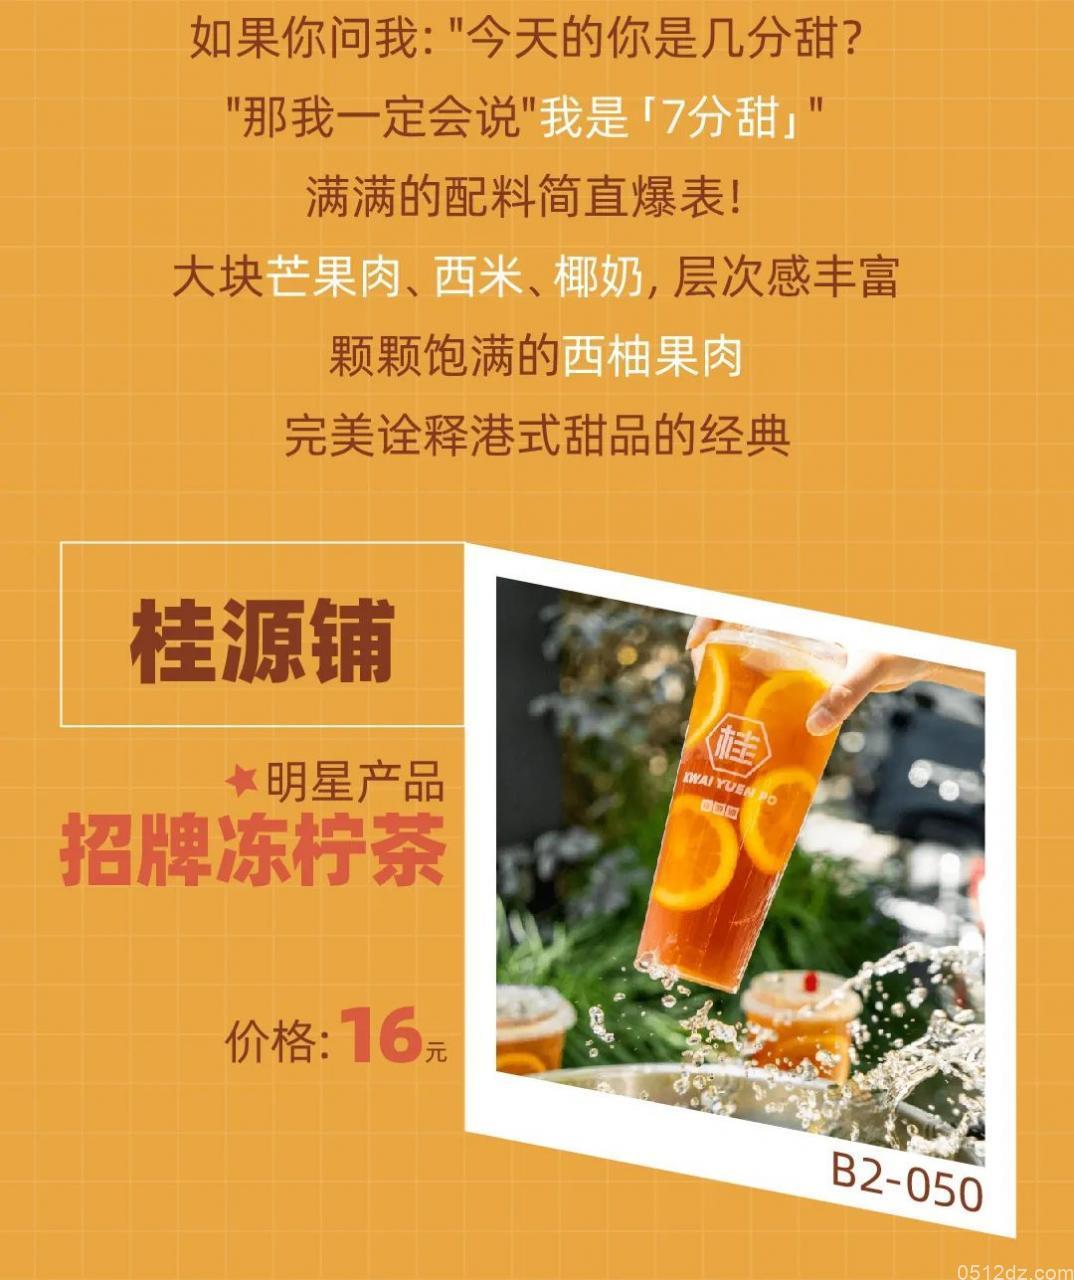 上海环球港超全冰饮店大盘点